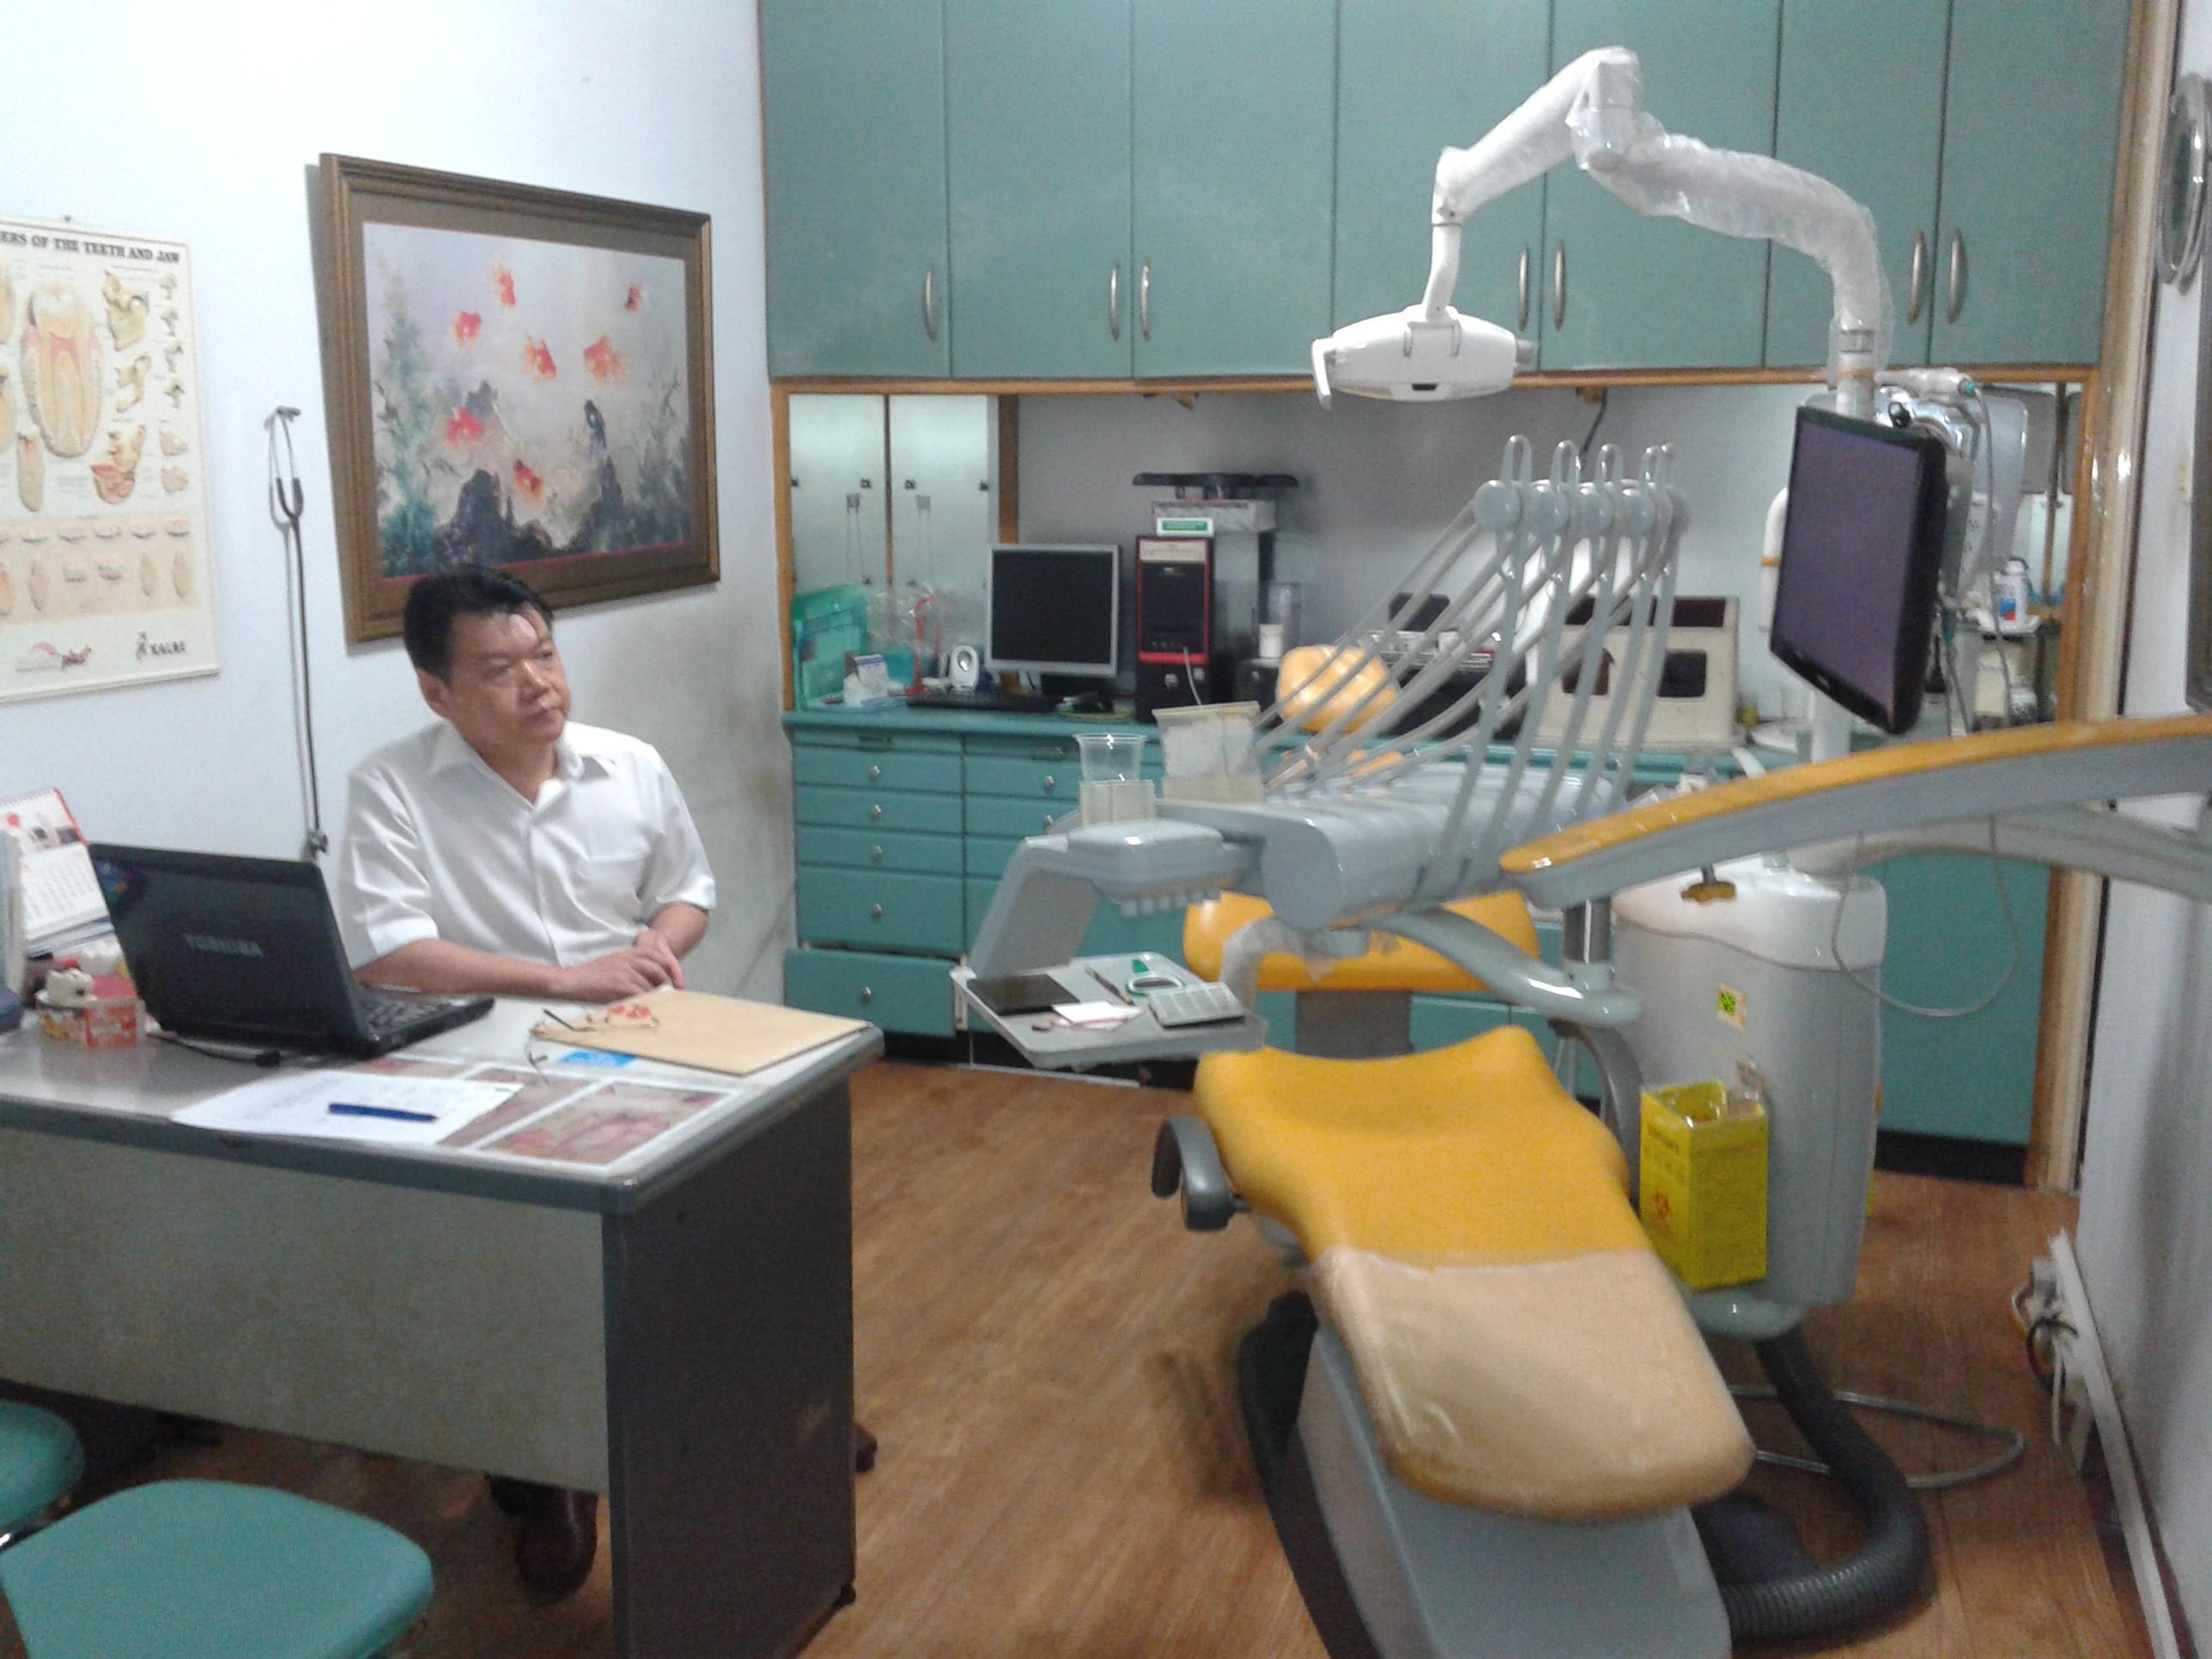 Dental International Bintaro Dddbcabeebfaeaa